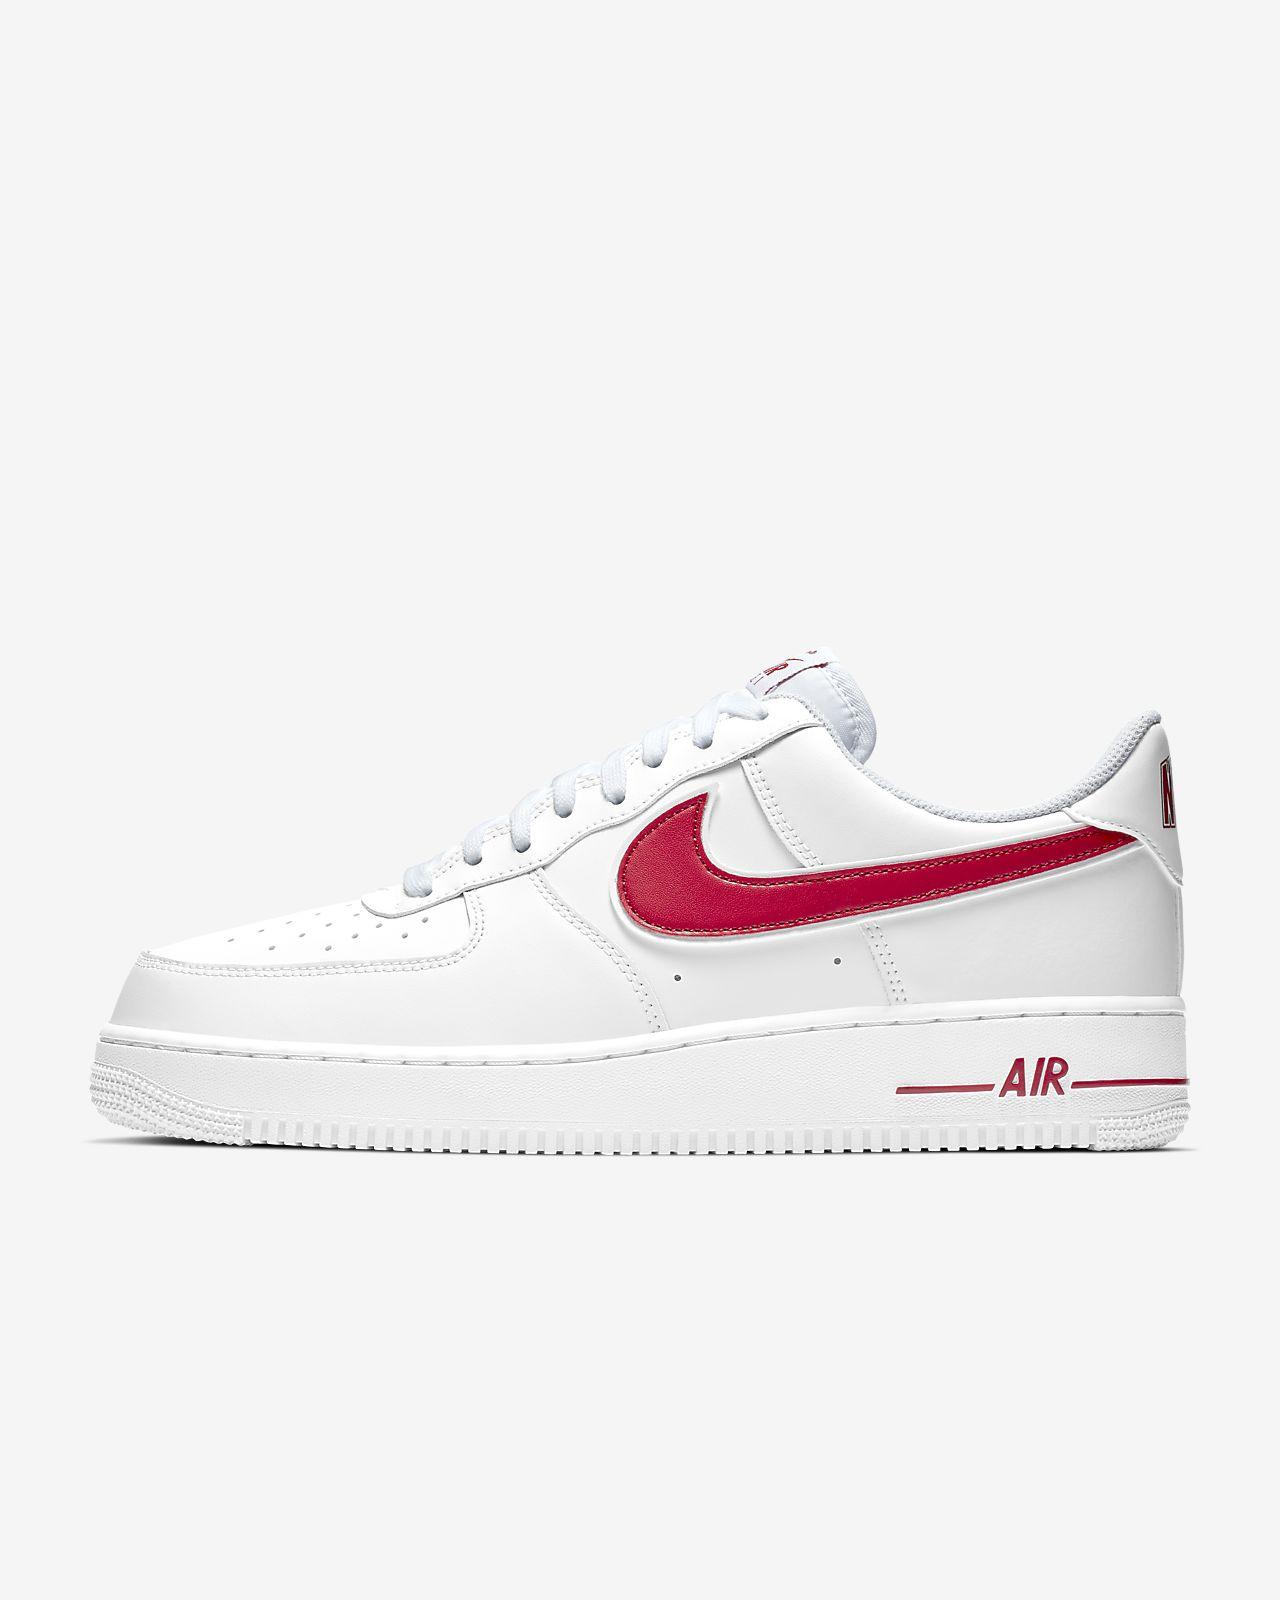 meilleure sélection 9b188 80c34 Nike Air Force 1 '07 Men's Shoe